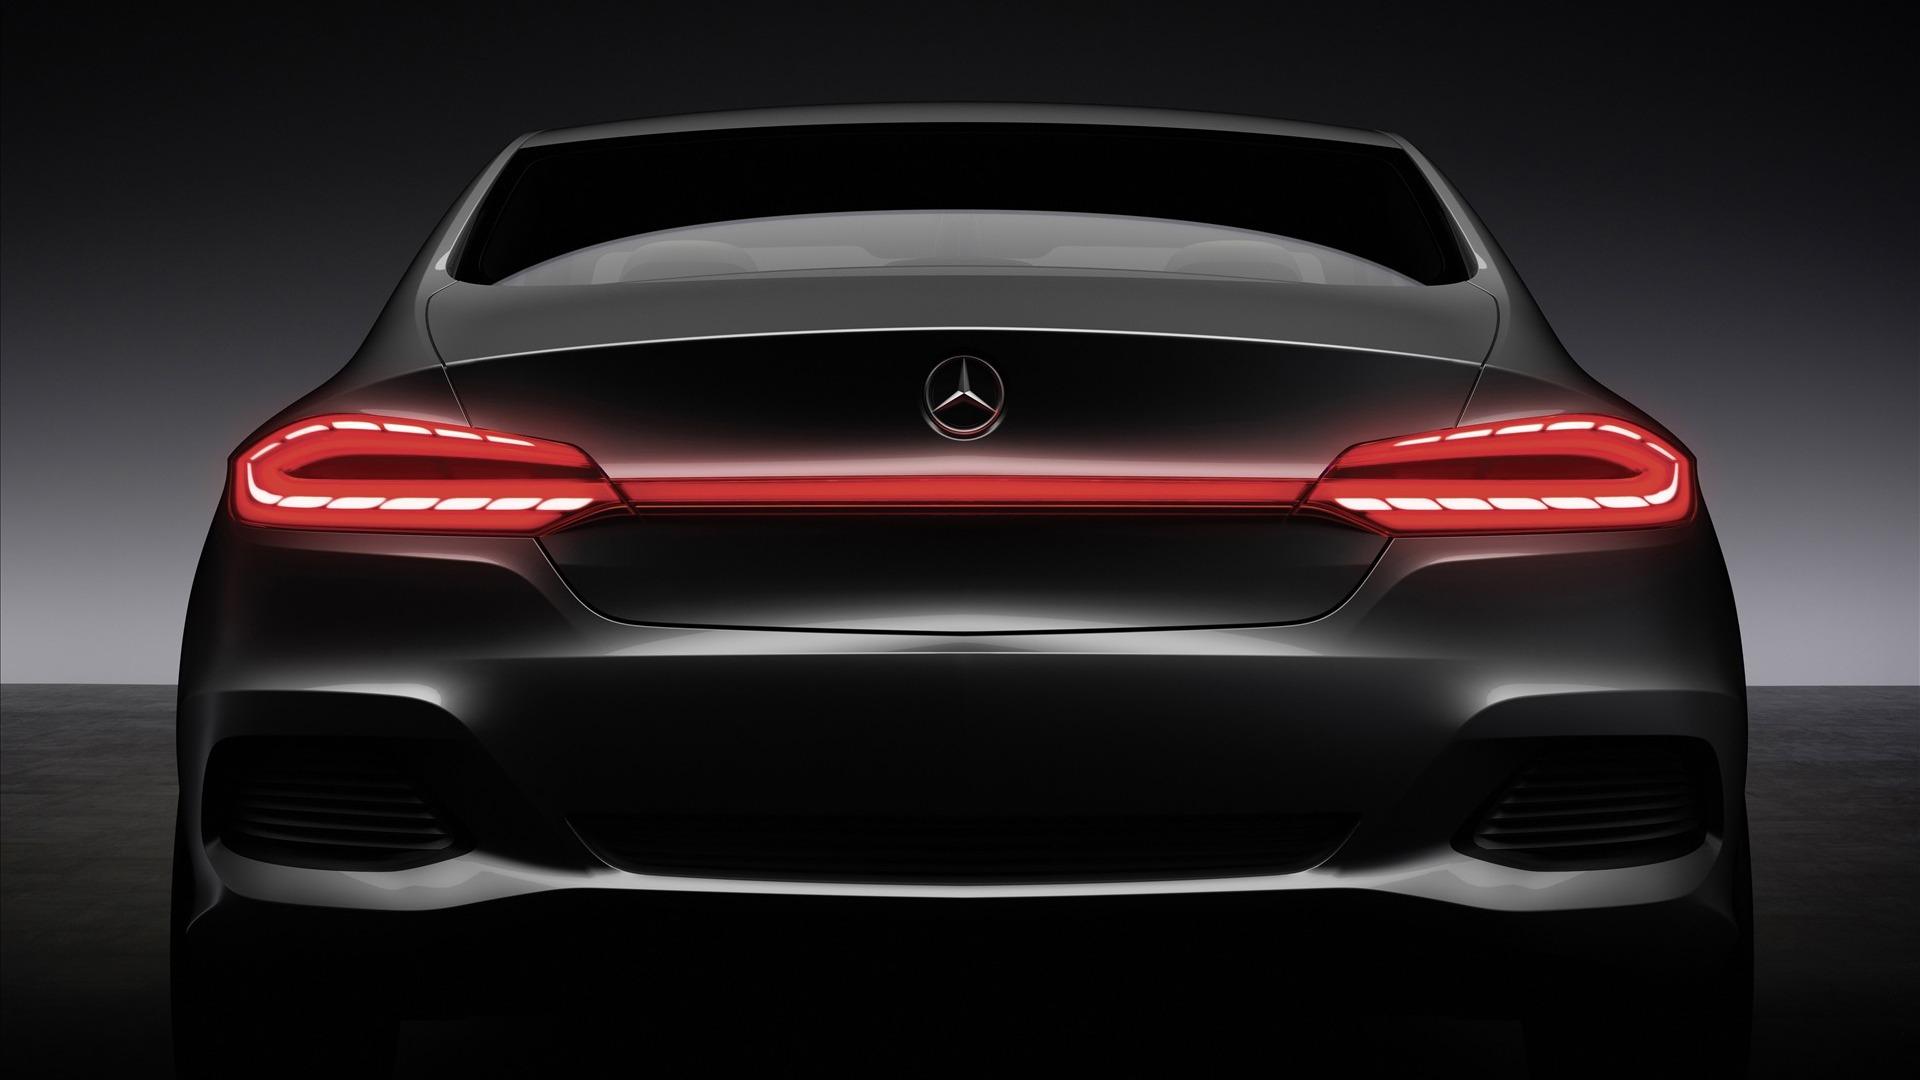 Mercedes benz concept car wallpaper 2 7 1920x1080 for Mercedes benz future car